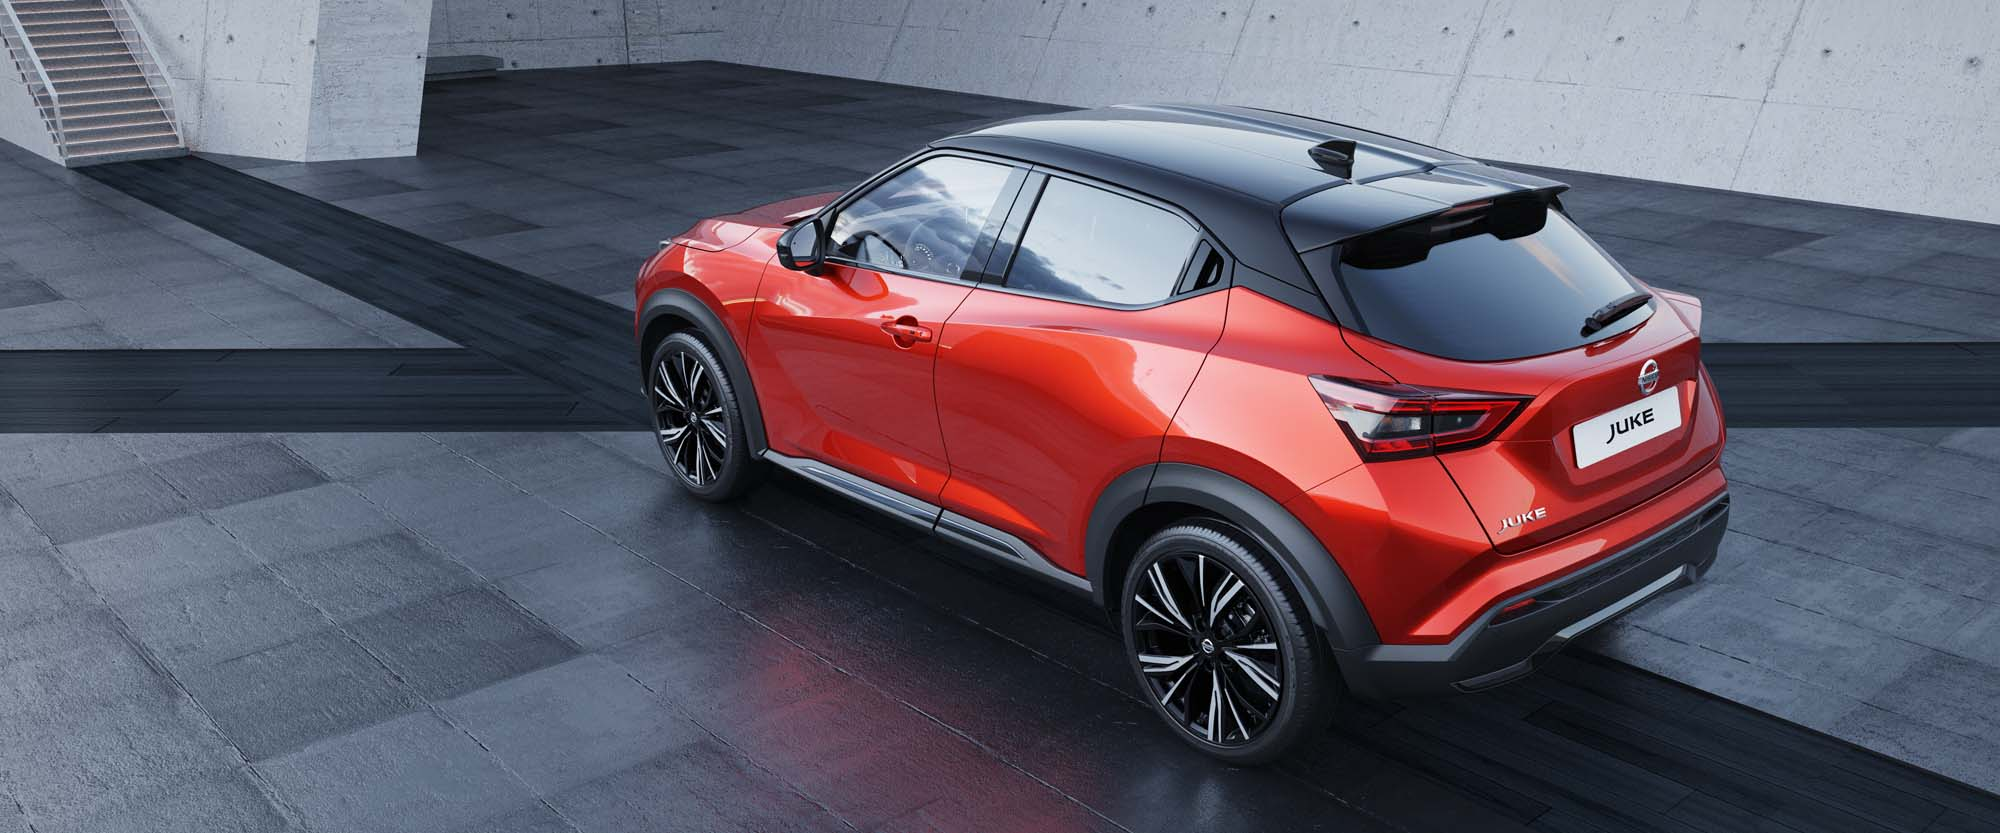 Nissan-Juke-2020-50